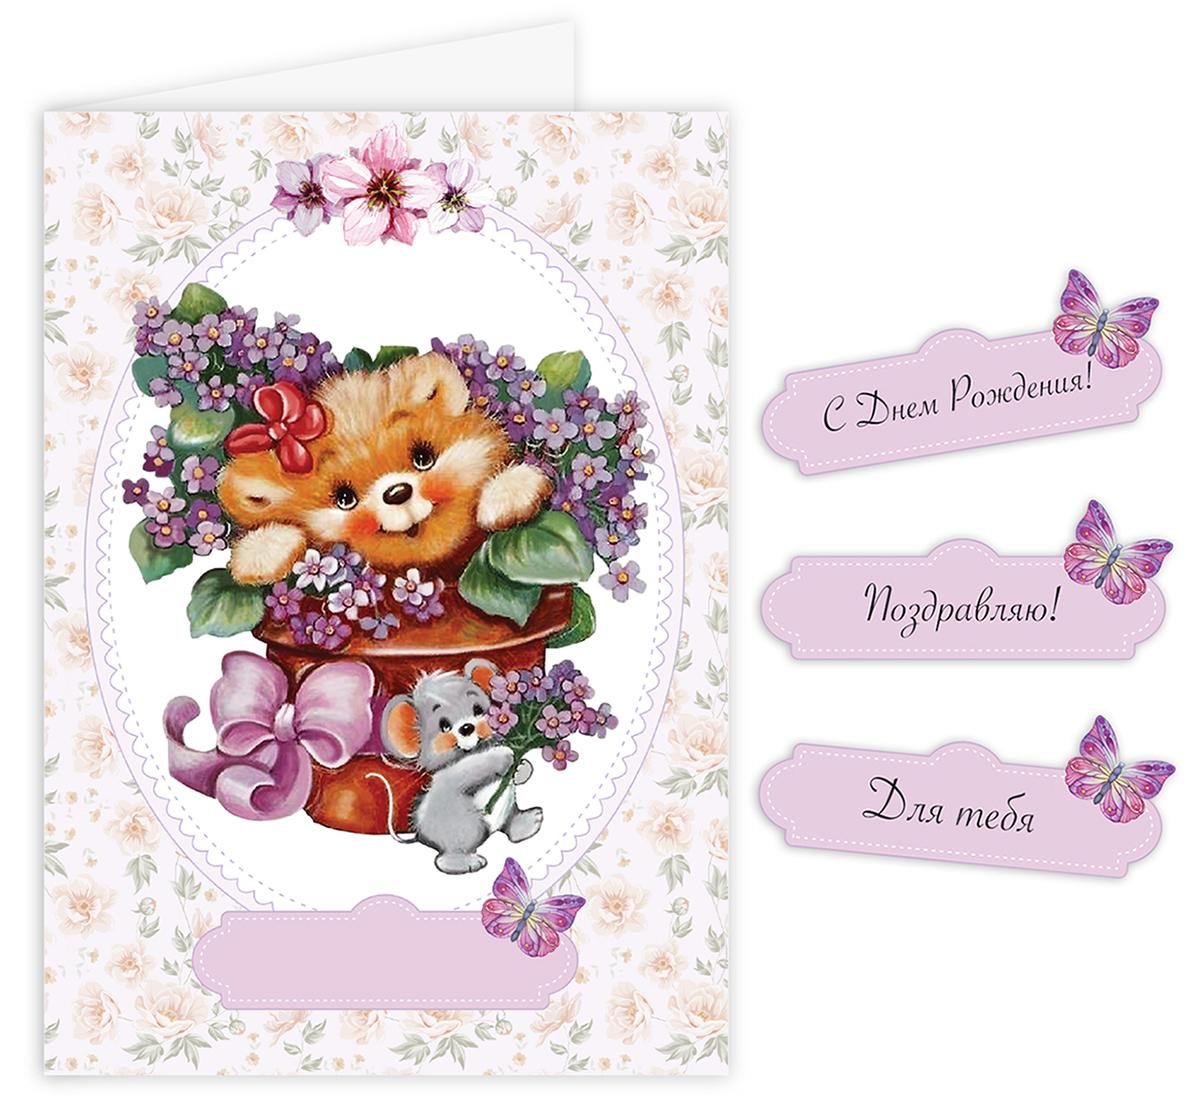 Открытка–папертоль Медвежонок с цветами – поздравительные лейблы внутри набора.